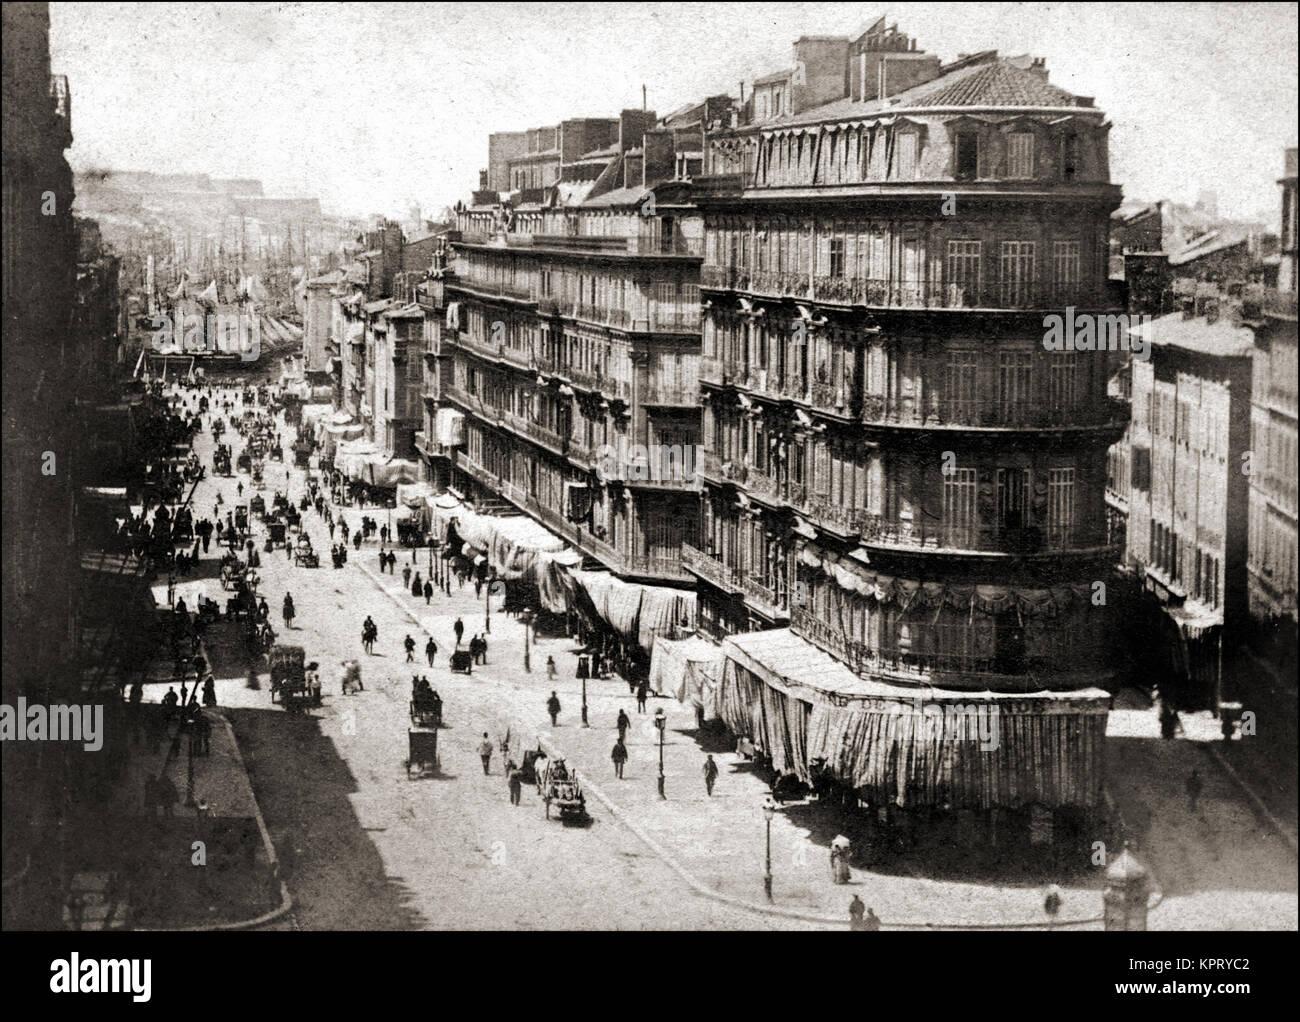 1860 et occupé port méditerranéen dans le sud de la France Photo Stock